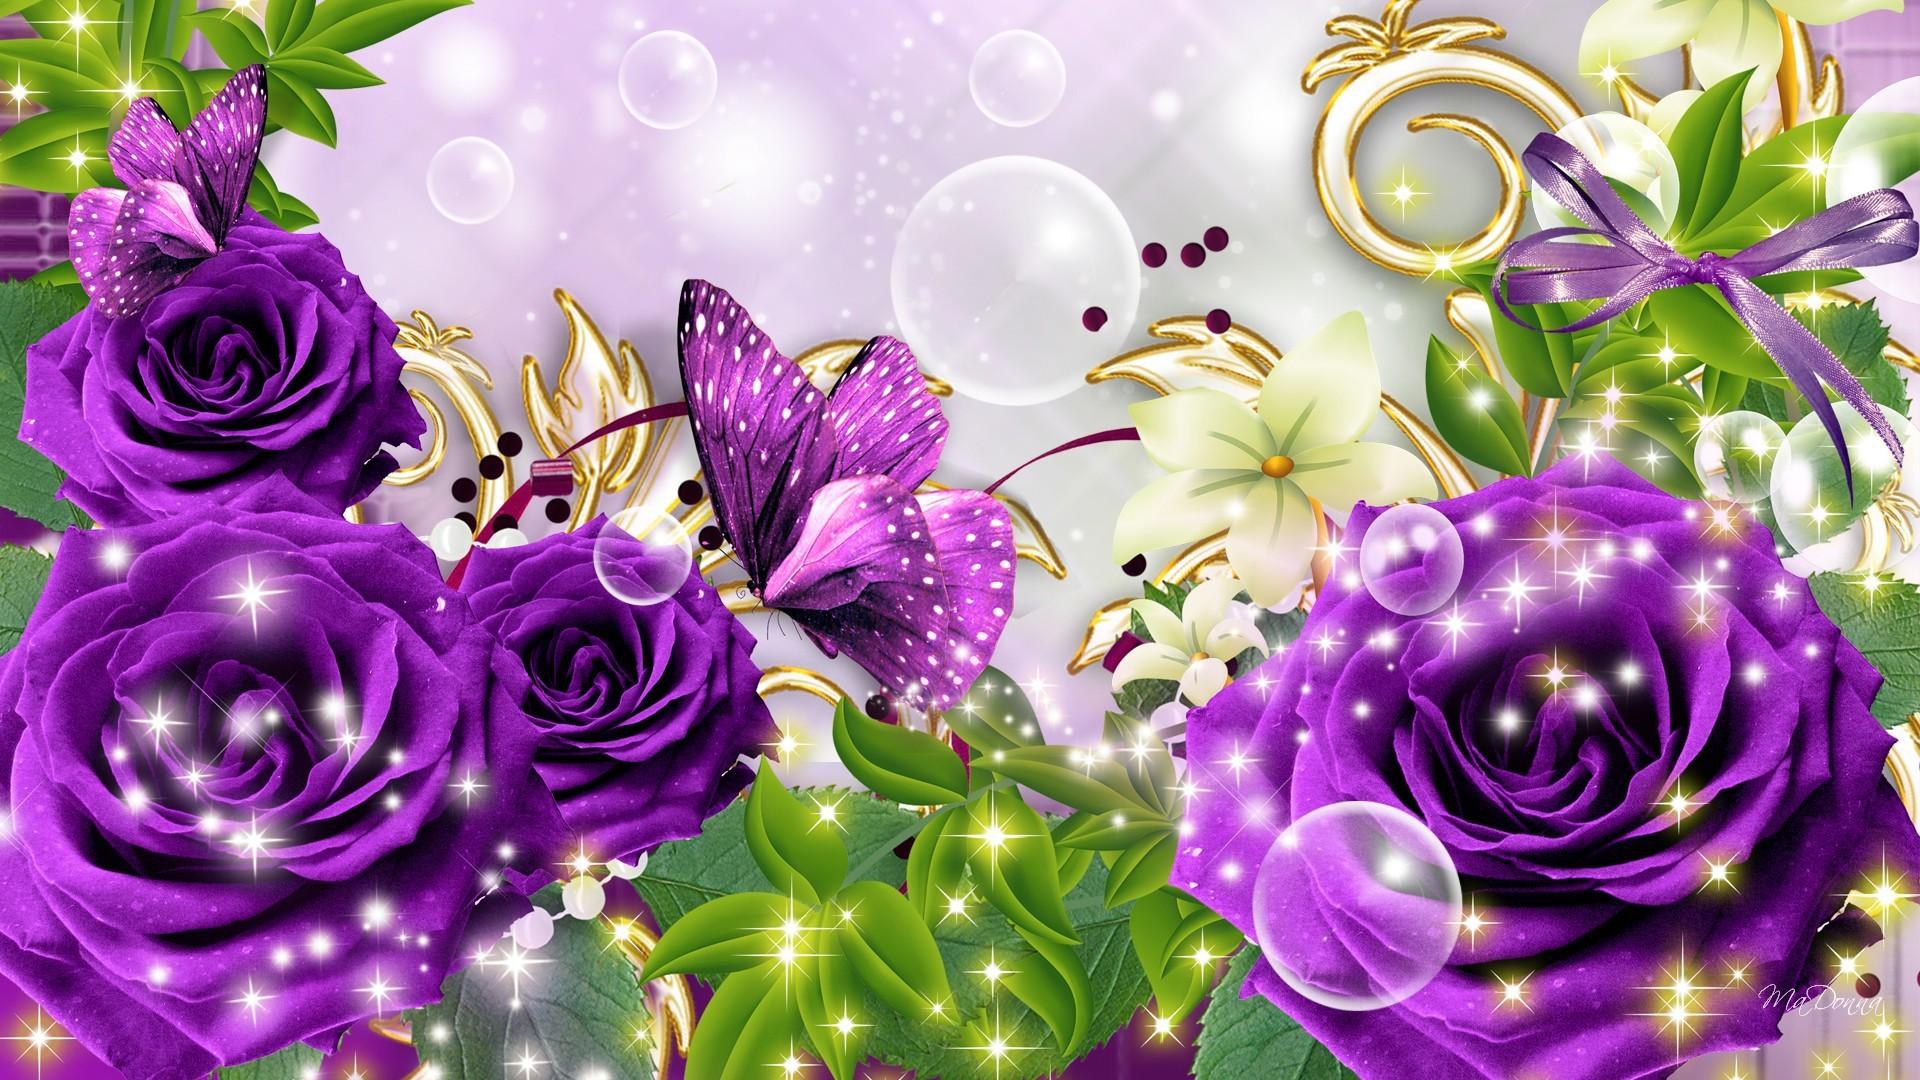 Deep Blue Flowers Facebook Covers, Deep Blue Flowers FB Covers, Deep Blue  Flowers Facebook Timeline Covers, Deep Blue Flowers Facebook Cover Images  …